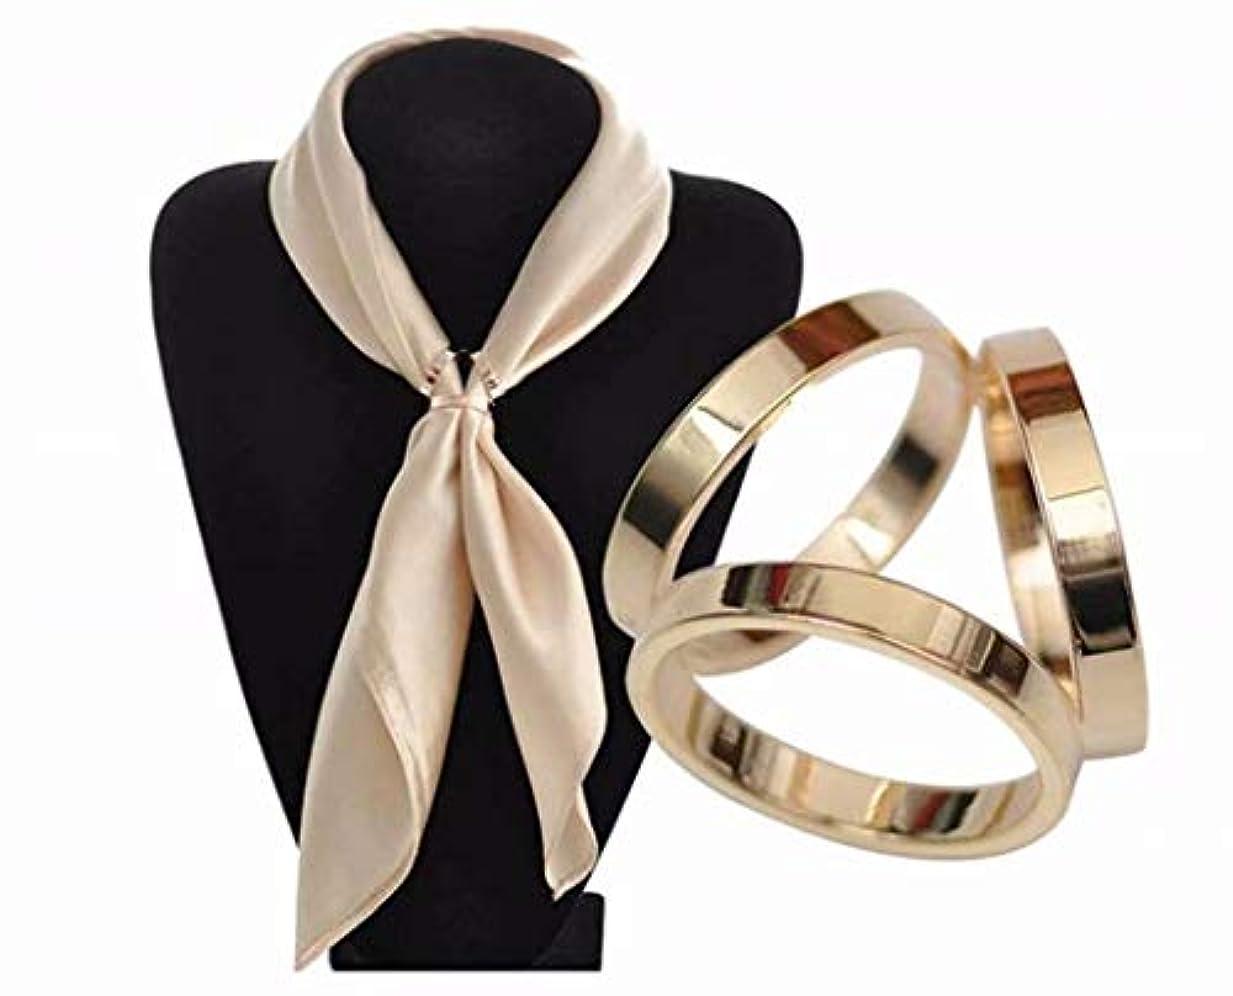 オリエント効果的に義務づける七里の香 レディース スカーフリング 絹のスカーフ バックル クリップ